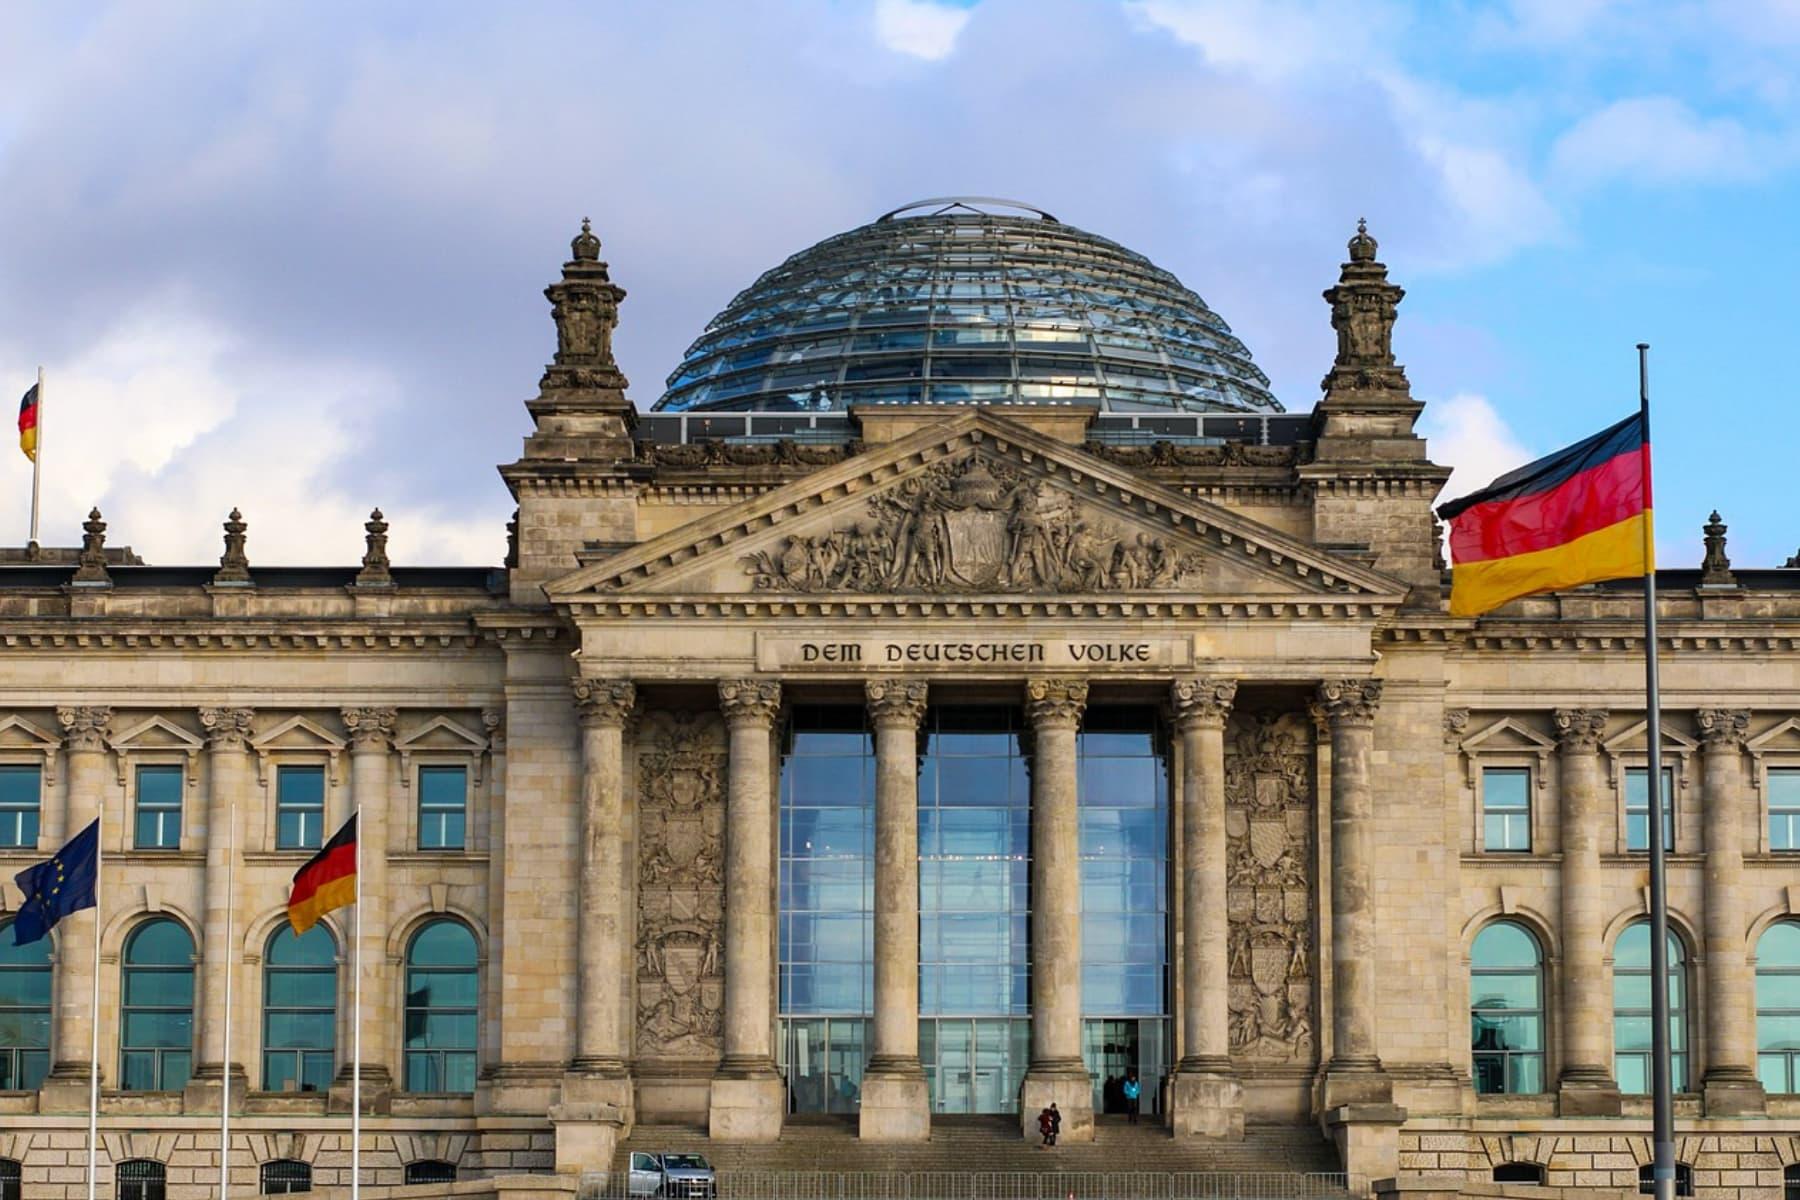 Die Hälfte der Deutschen sieht die Demokratie in Gefahr